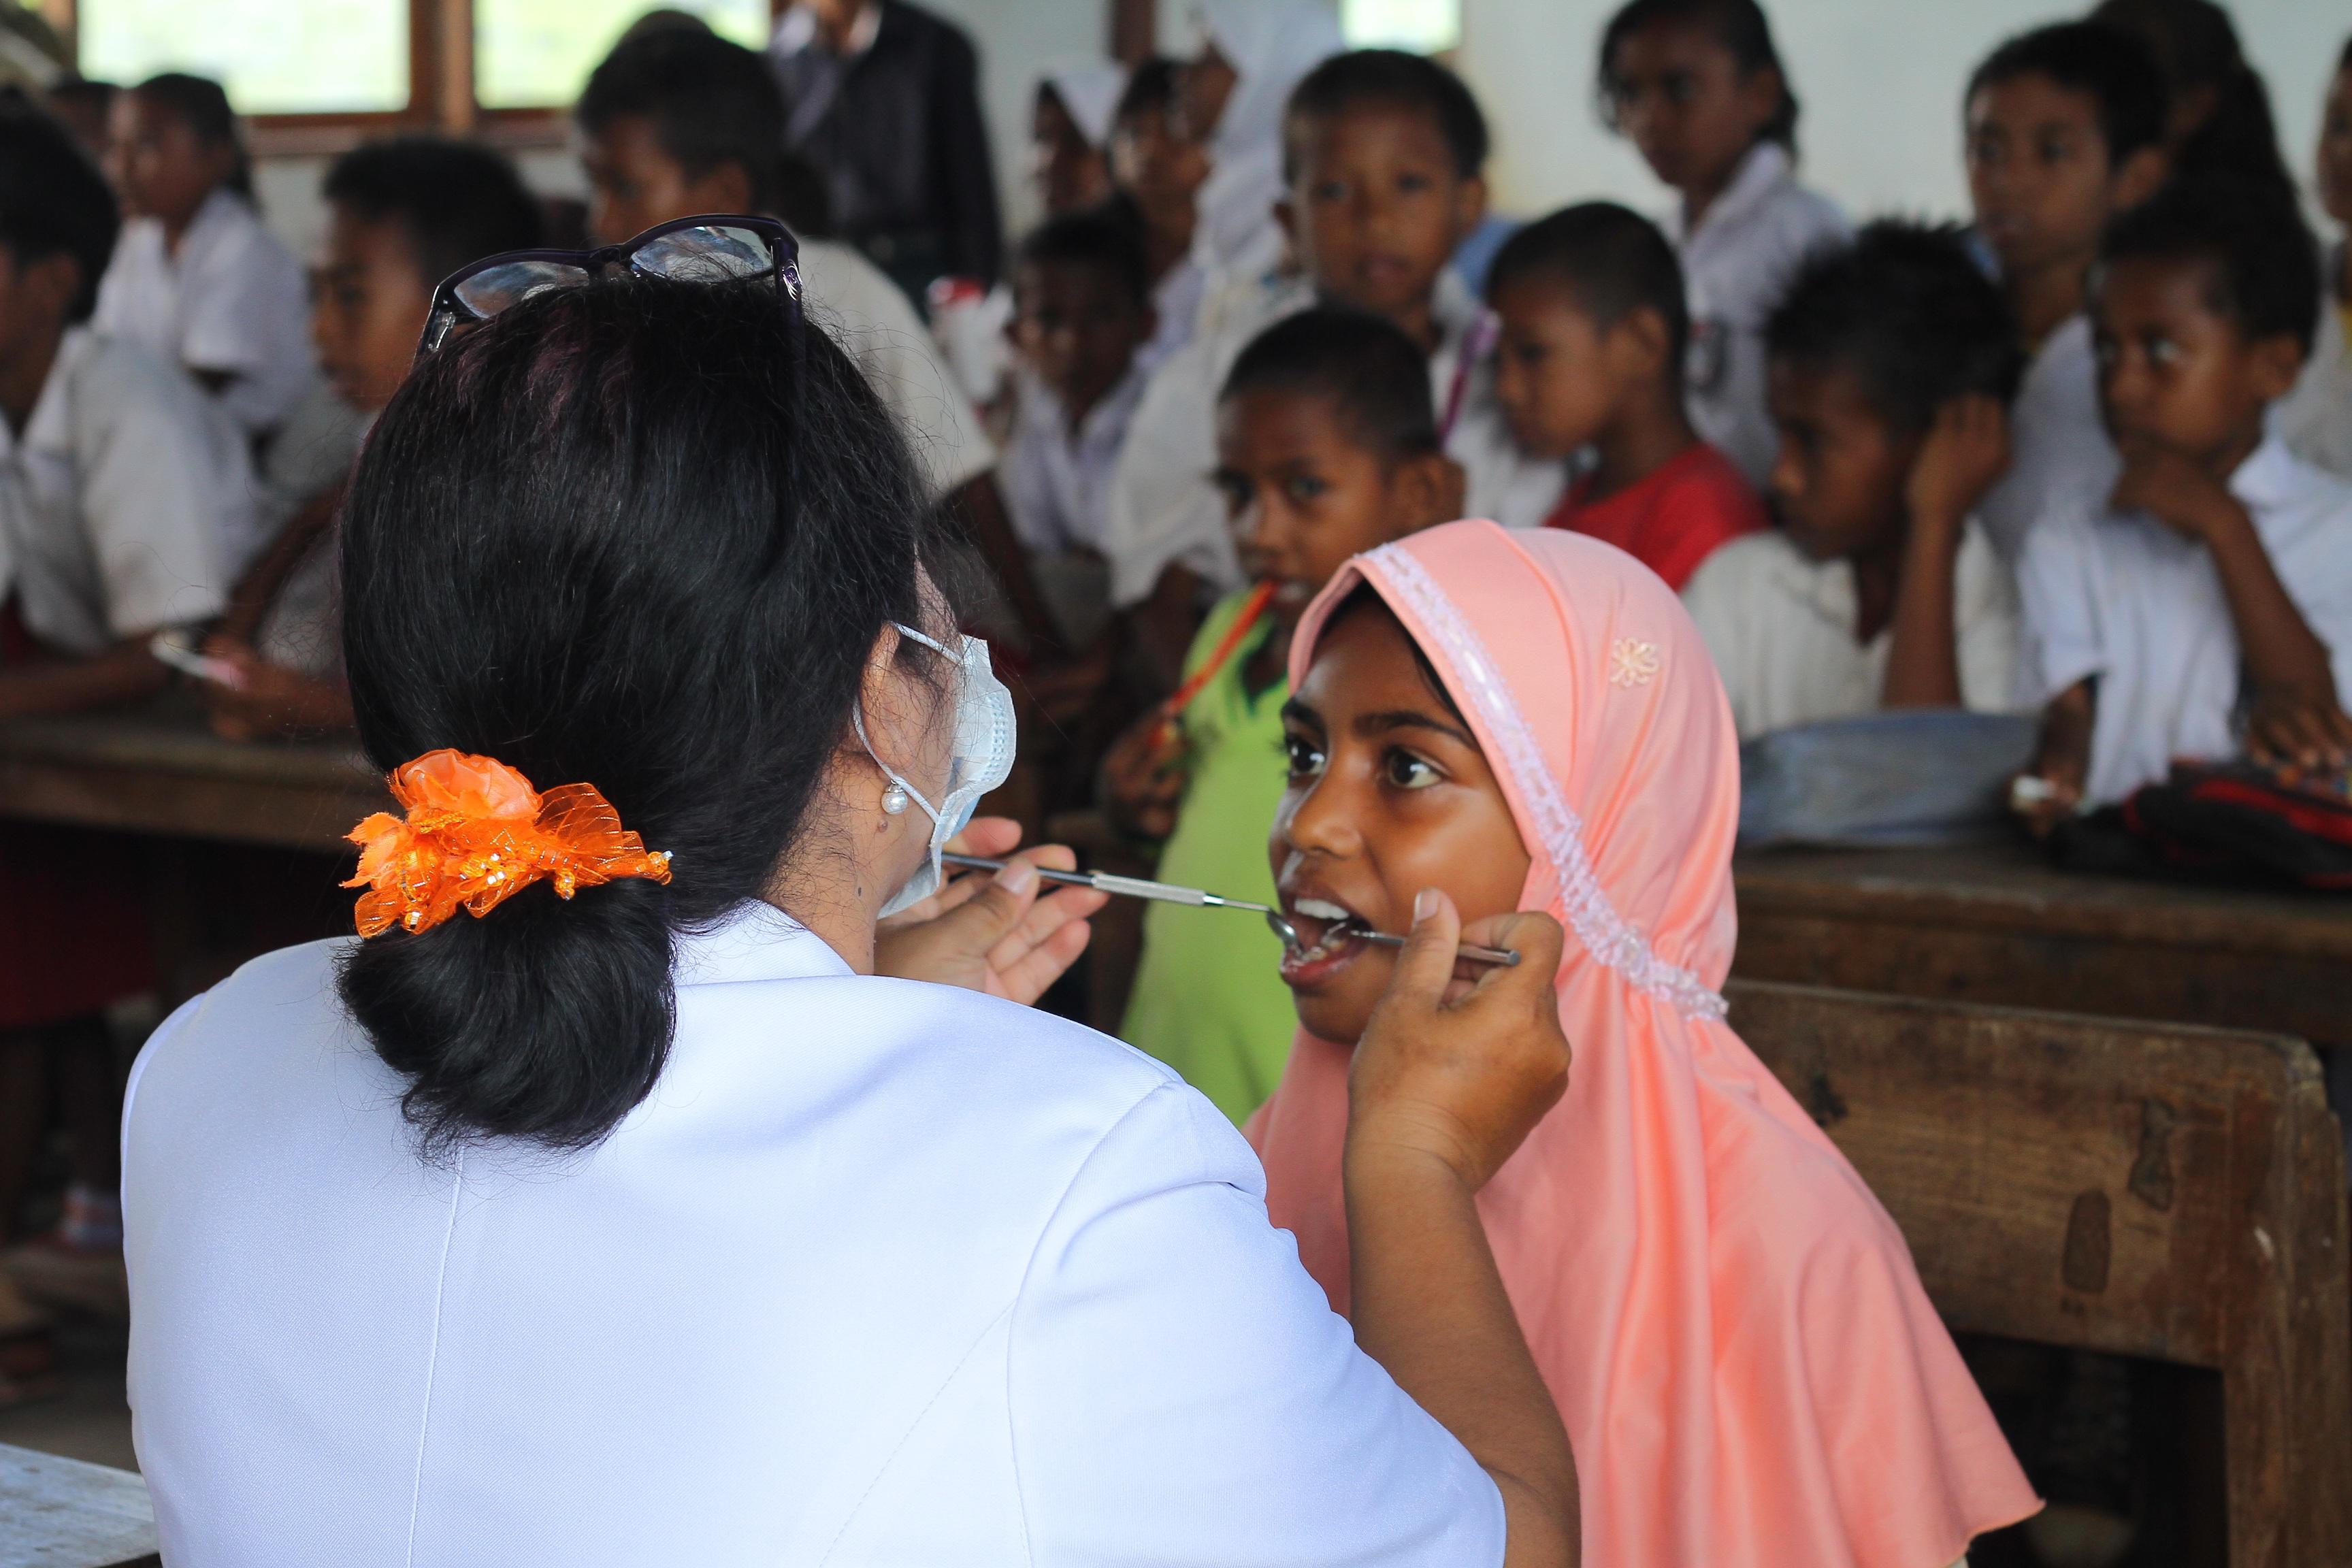 Oral health examination gear